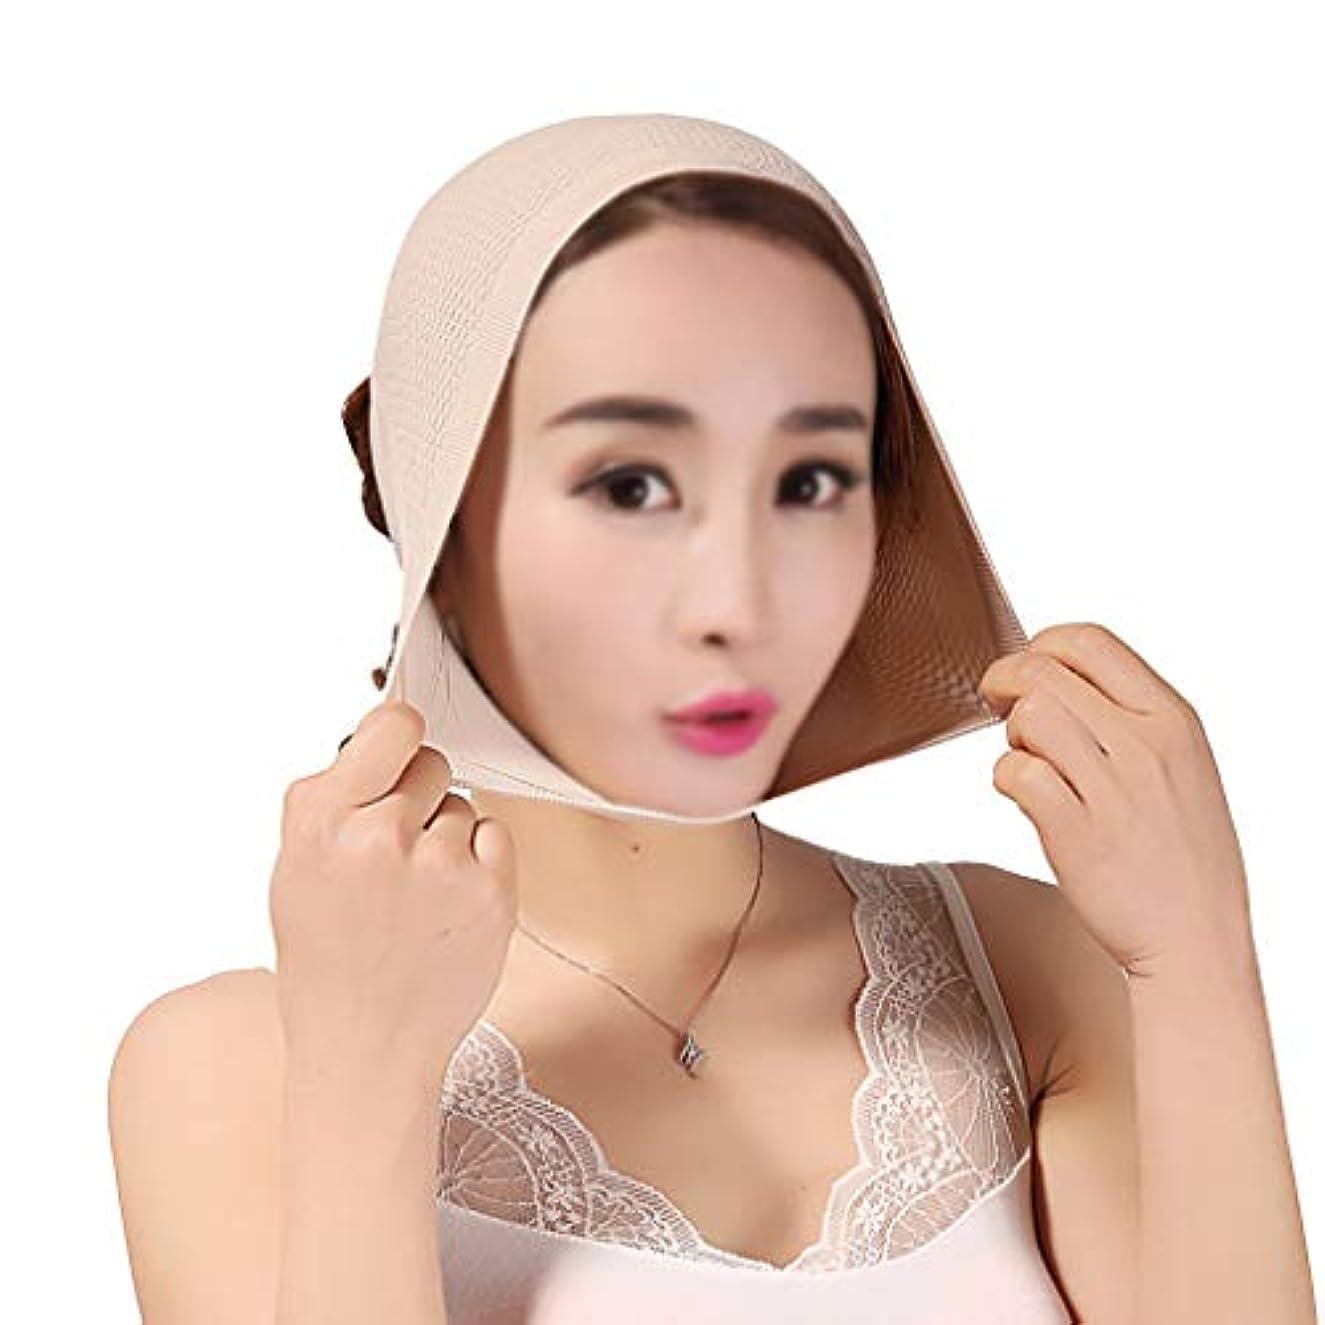 散髪コック国際GLJJQMY 痩身ベルトマスク薄い顔のマスクの睡眠薄い顔の包帯の薄い顔のマスクの顔のアーティファクト小さなV顔のダブルチンリフト引き締め顔補正 顔用整形マスク